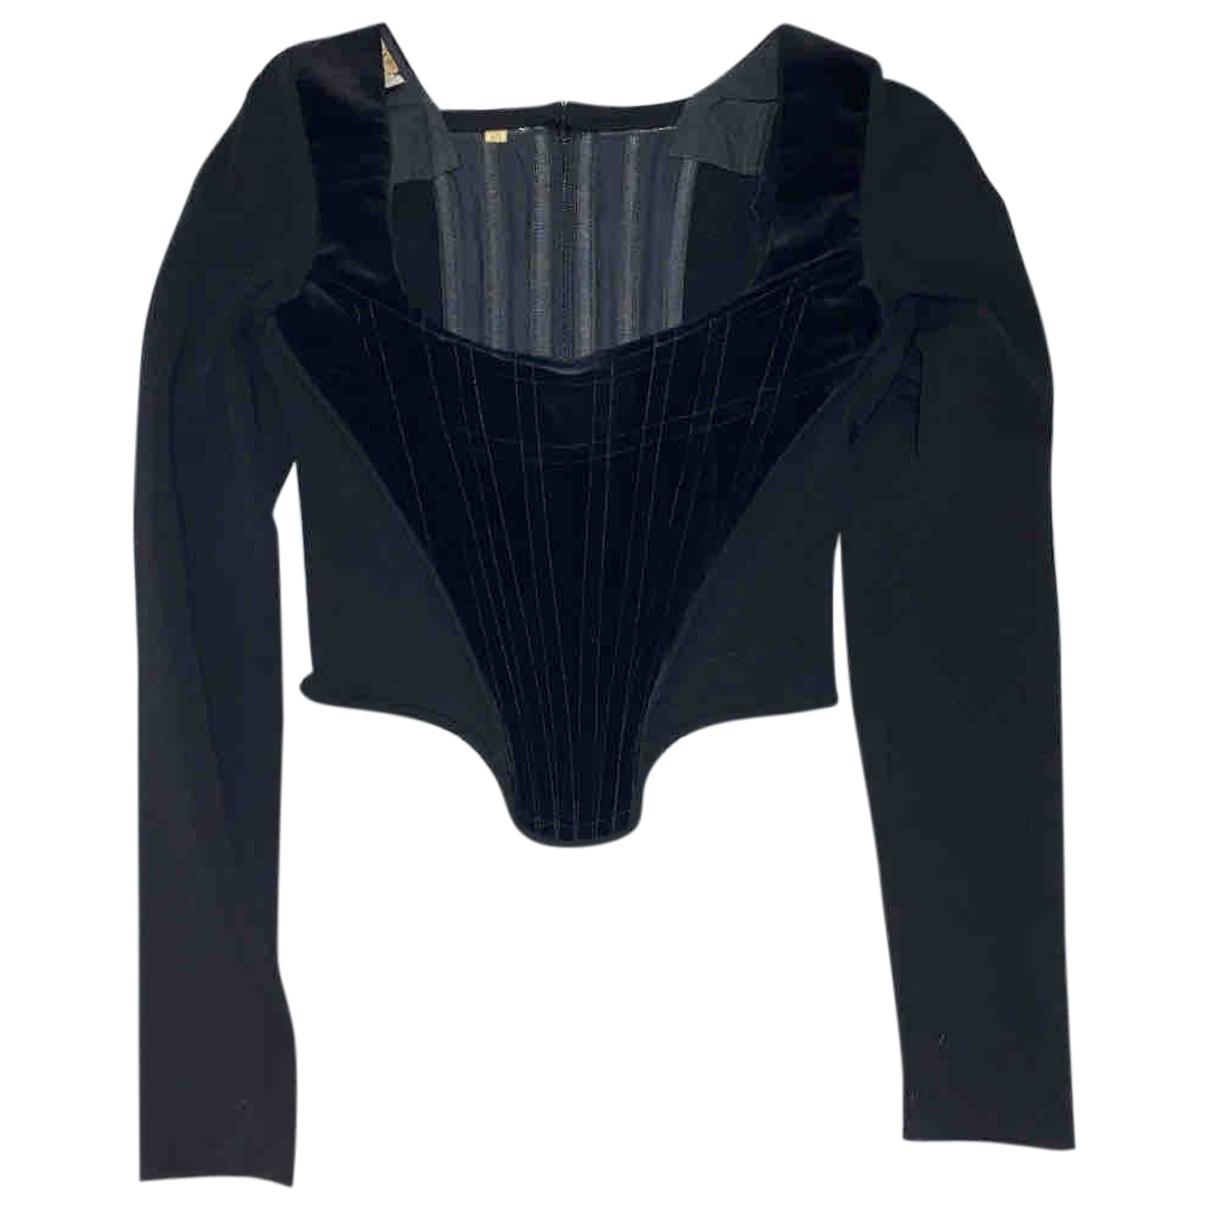 Vivienne Westwood - Top   pour femme en velours - noir